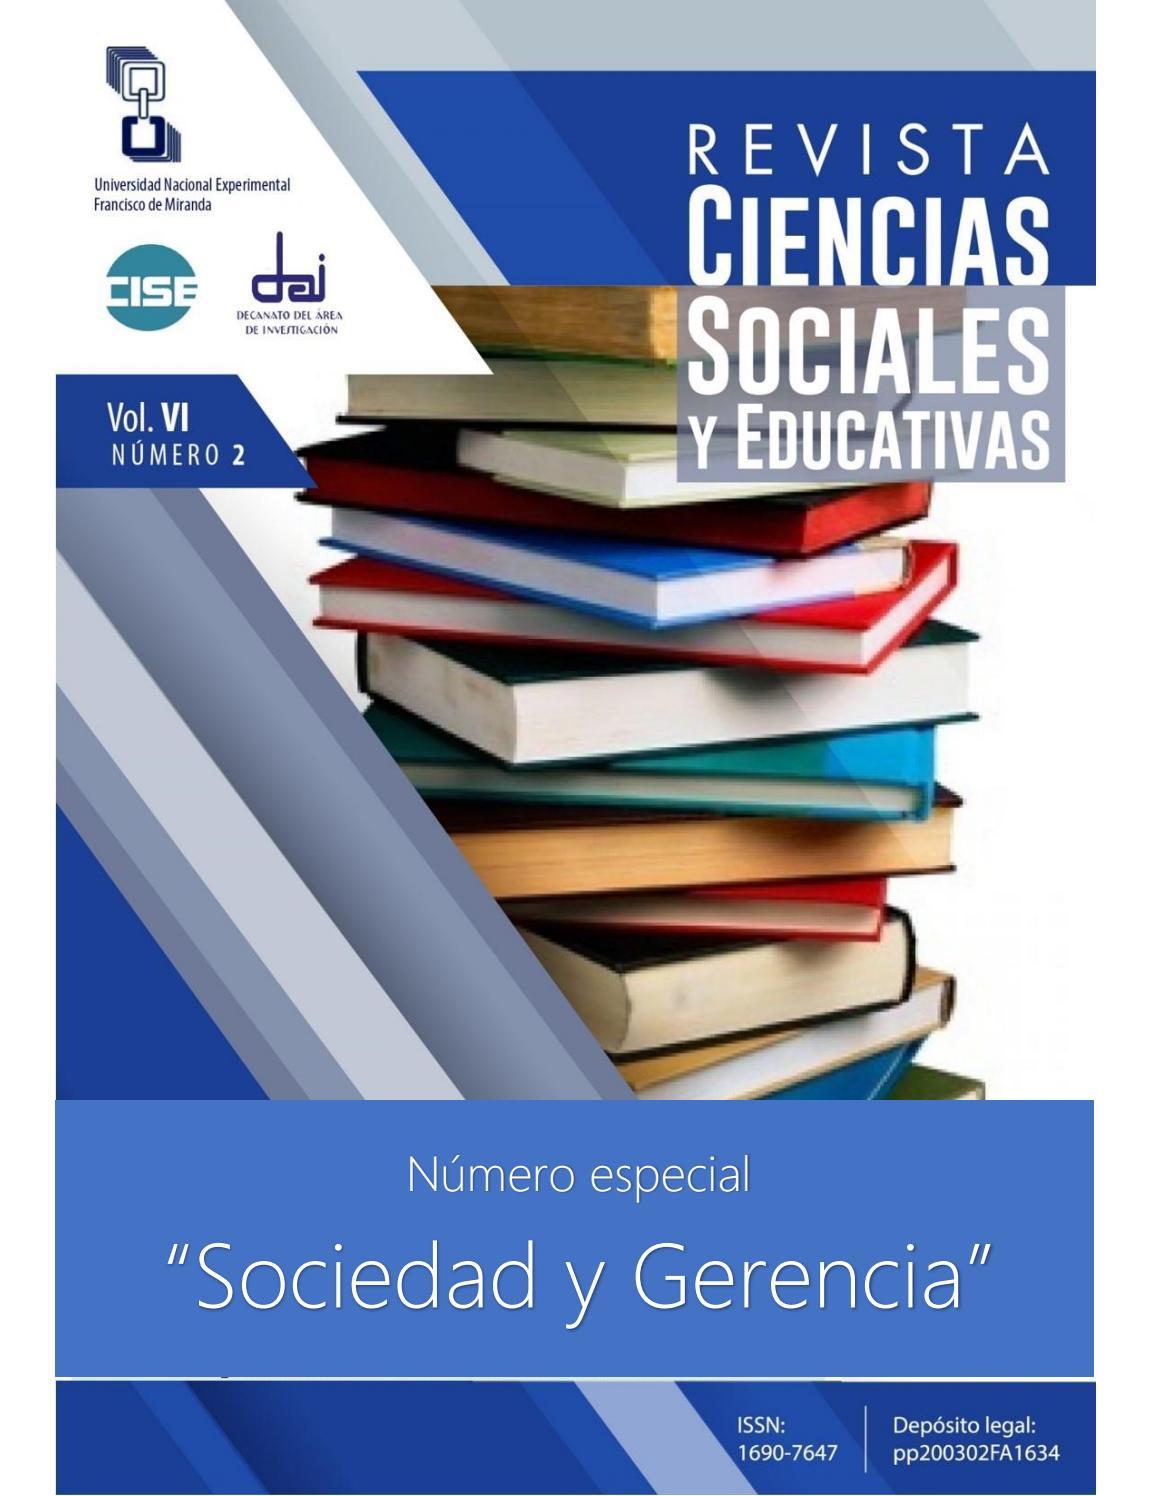 Rcse Vol Viii Nro 2 Especial Sociedad Y Gerencia By